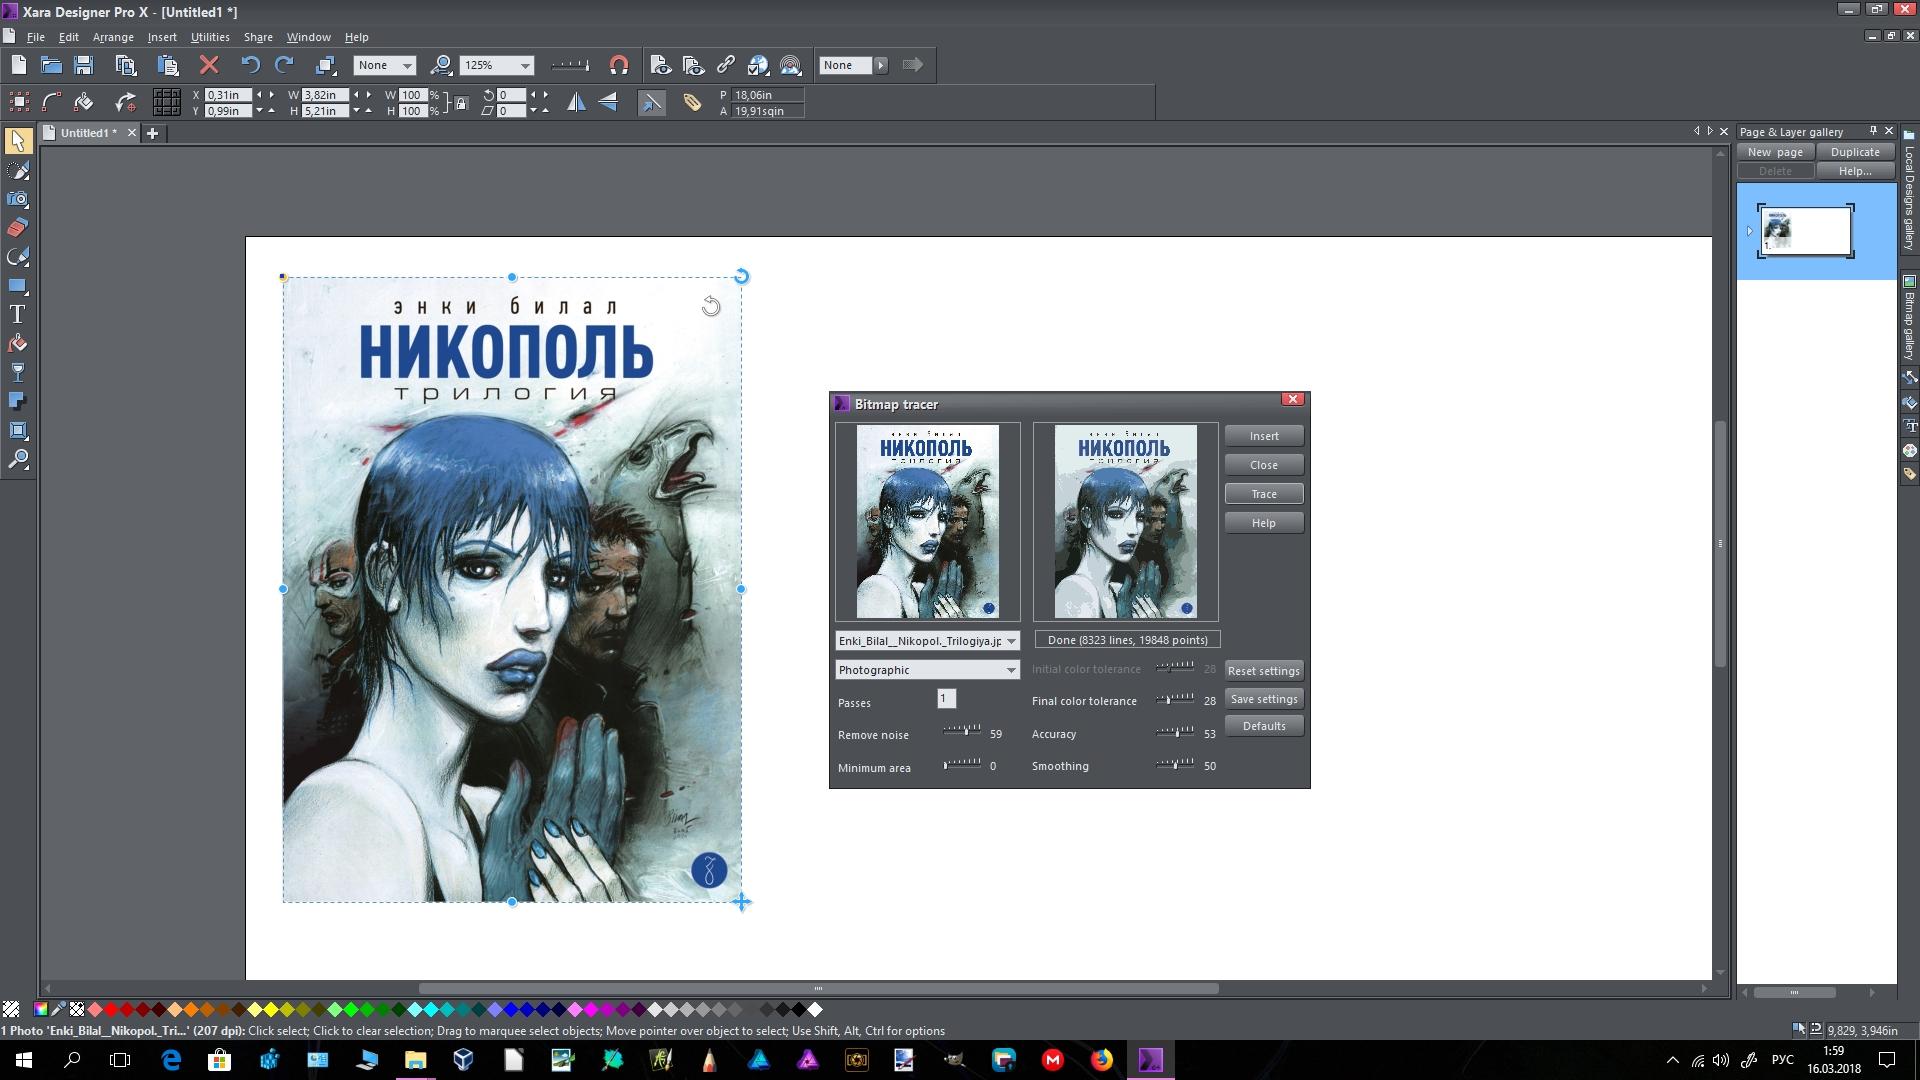 Xara Designer Pro X 15.0.0.52427 (64bit) (2018) Английский